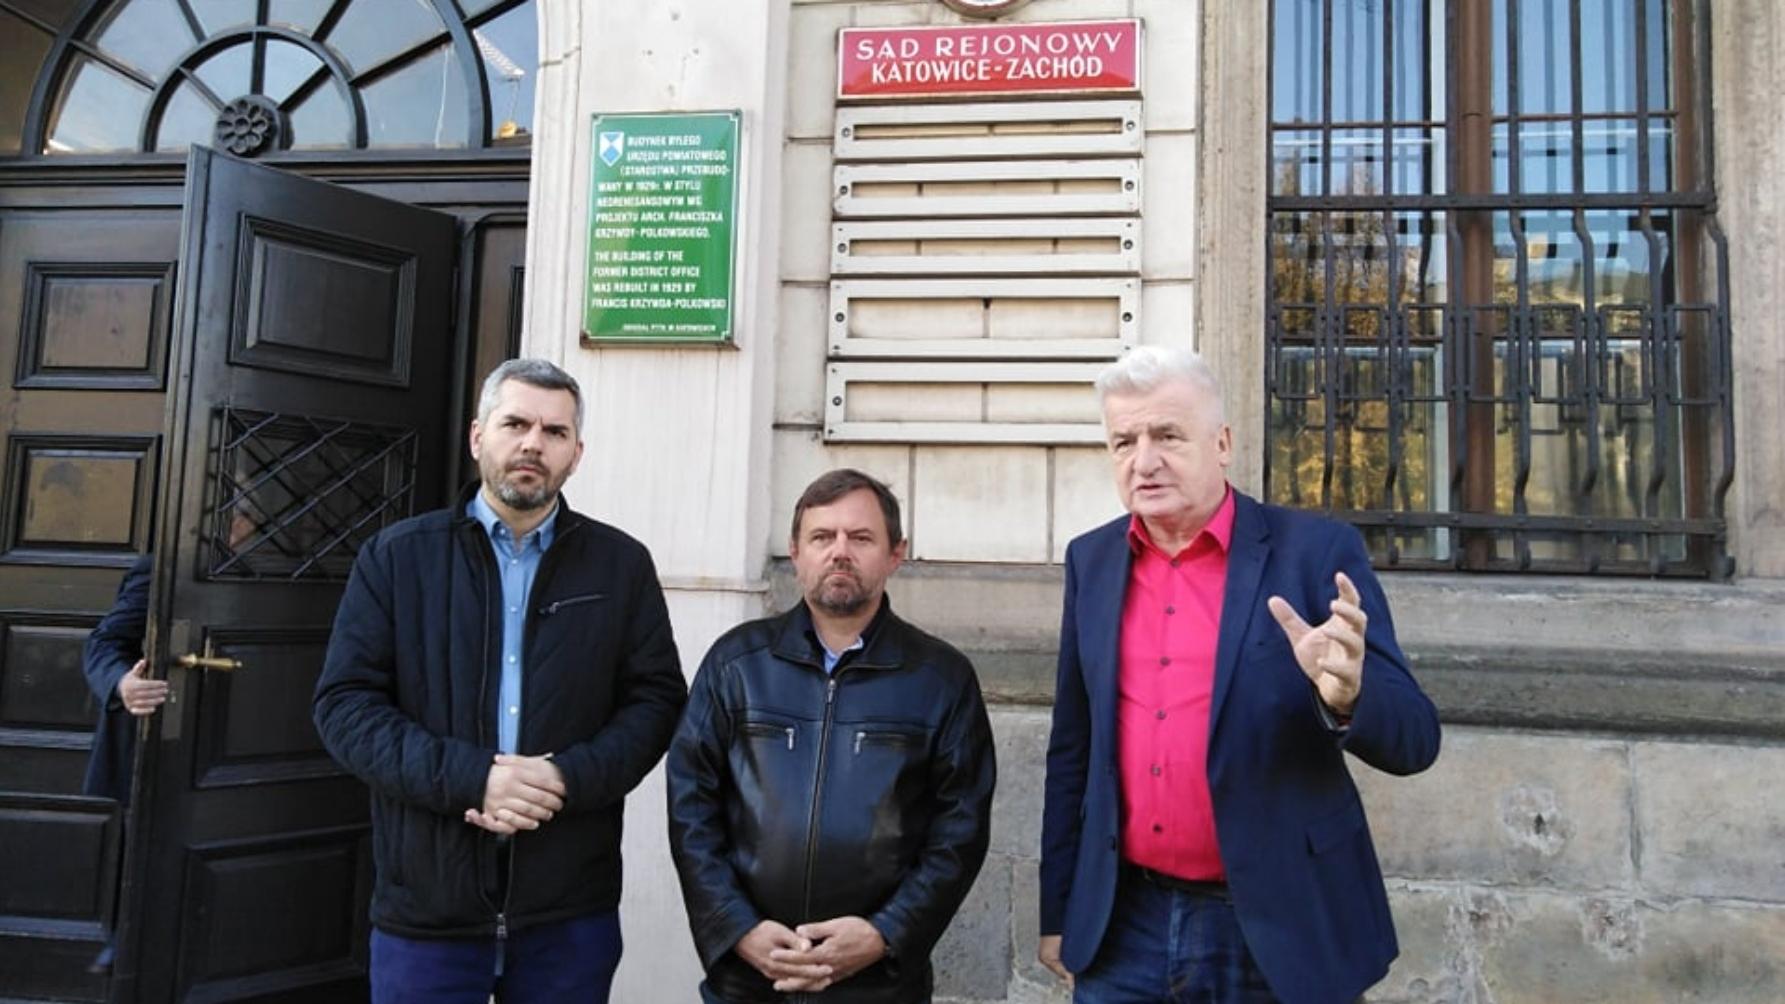 """Ikonowicz i Konieczny wsparli związkowca w sądzie. """"W zakresie ochrony związkowej państwo polskie nie działa"""""""